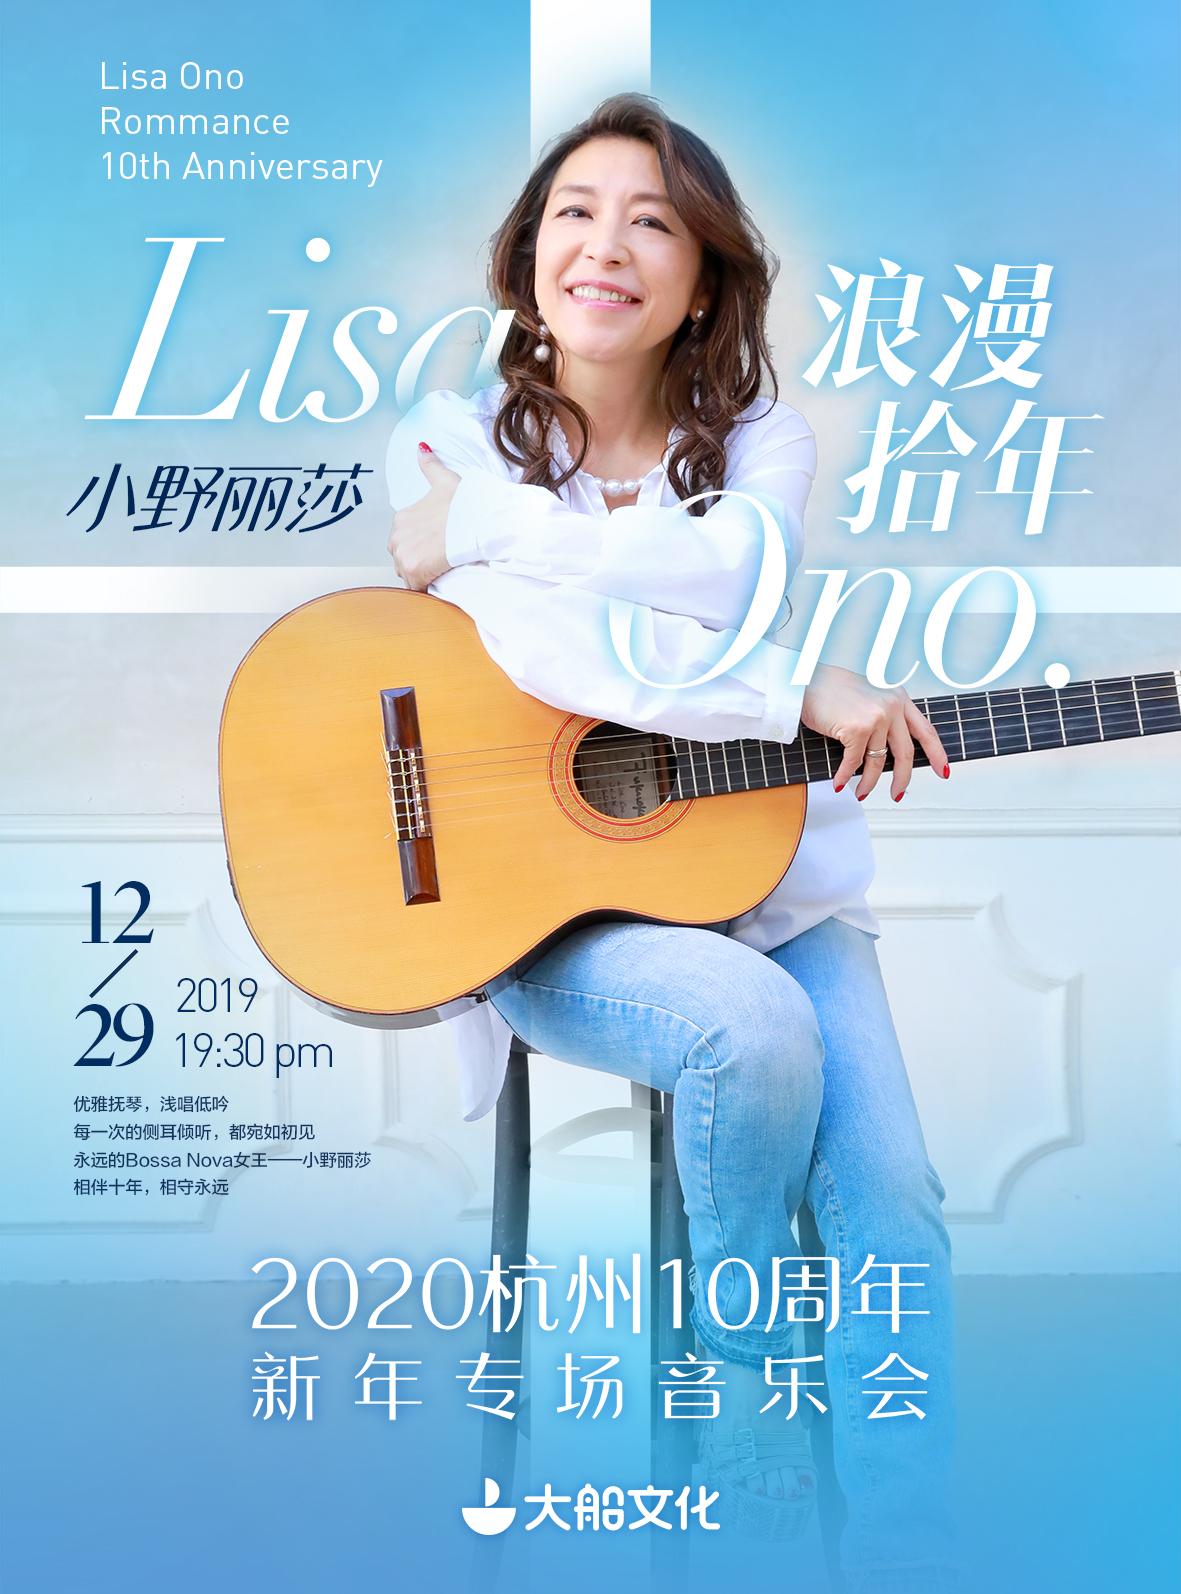 大船文化・小野丽莎2020杭州新年演唱会